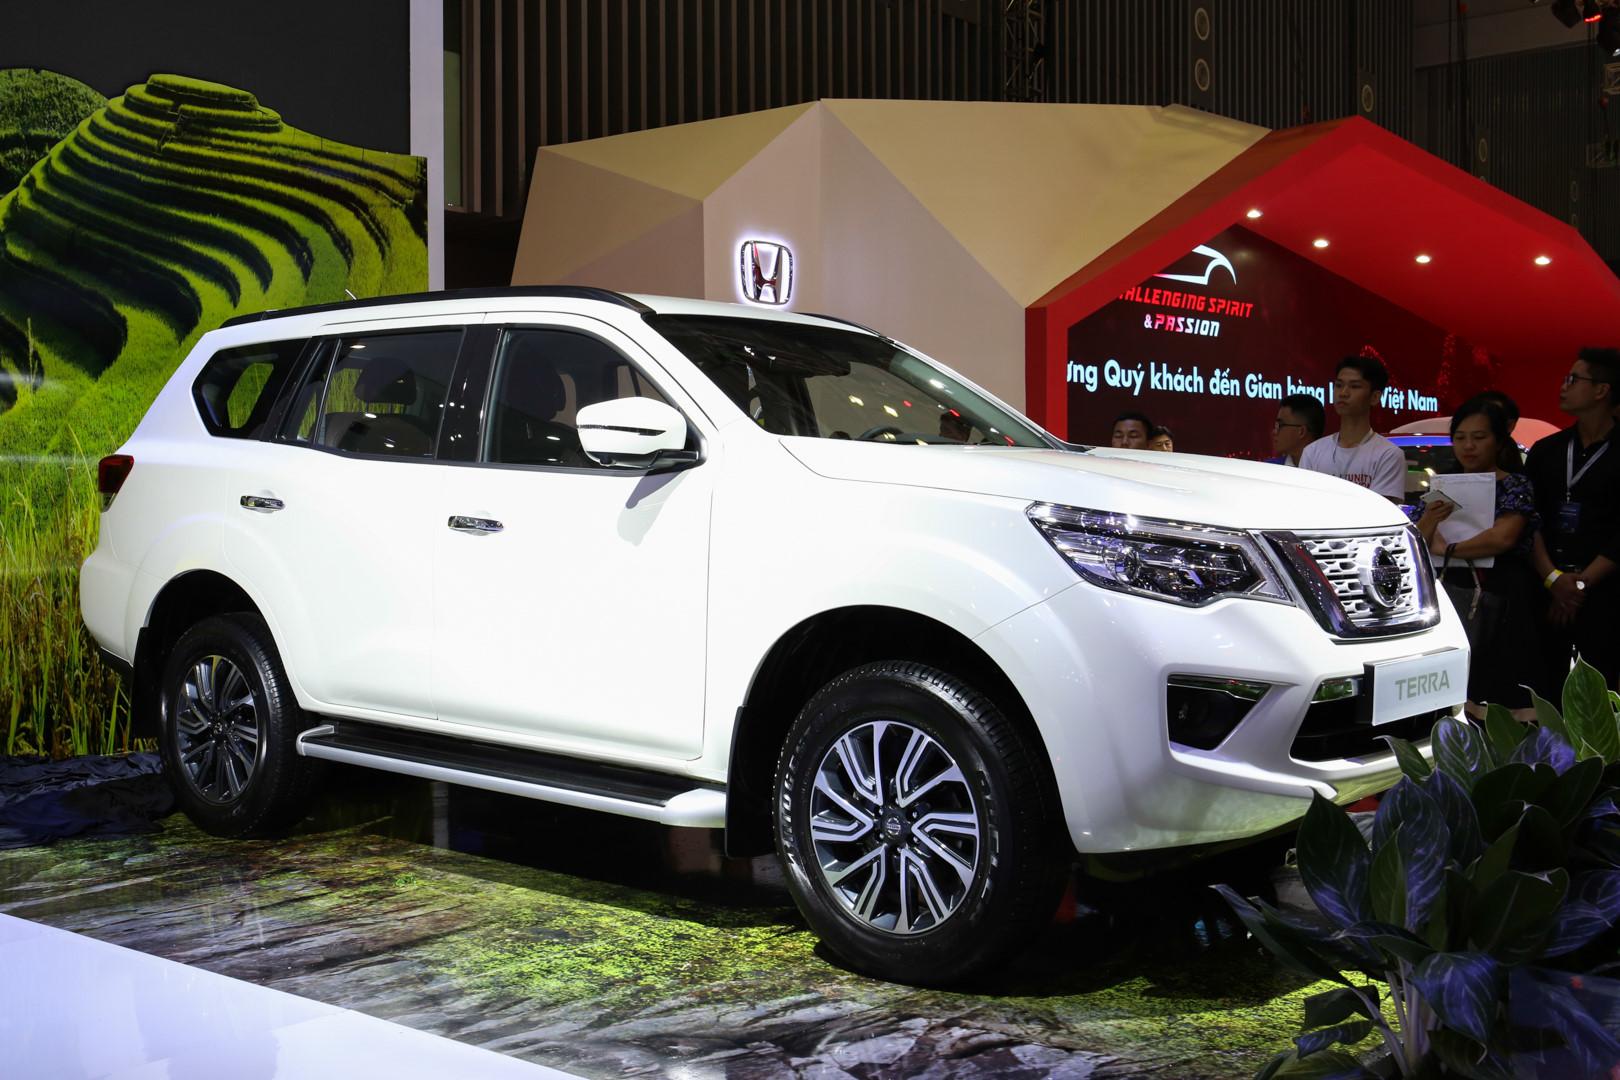 Nissan Terra đẹp 'long lanh' giá hơn 1,2 tỷ sở hữu những tính năng gì?